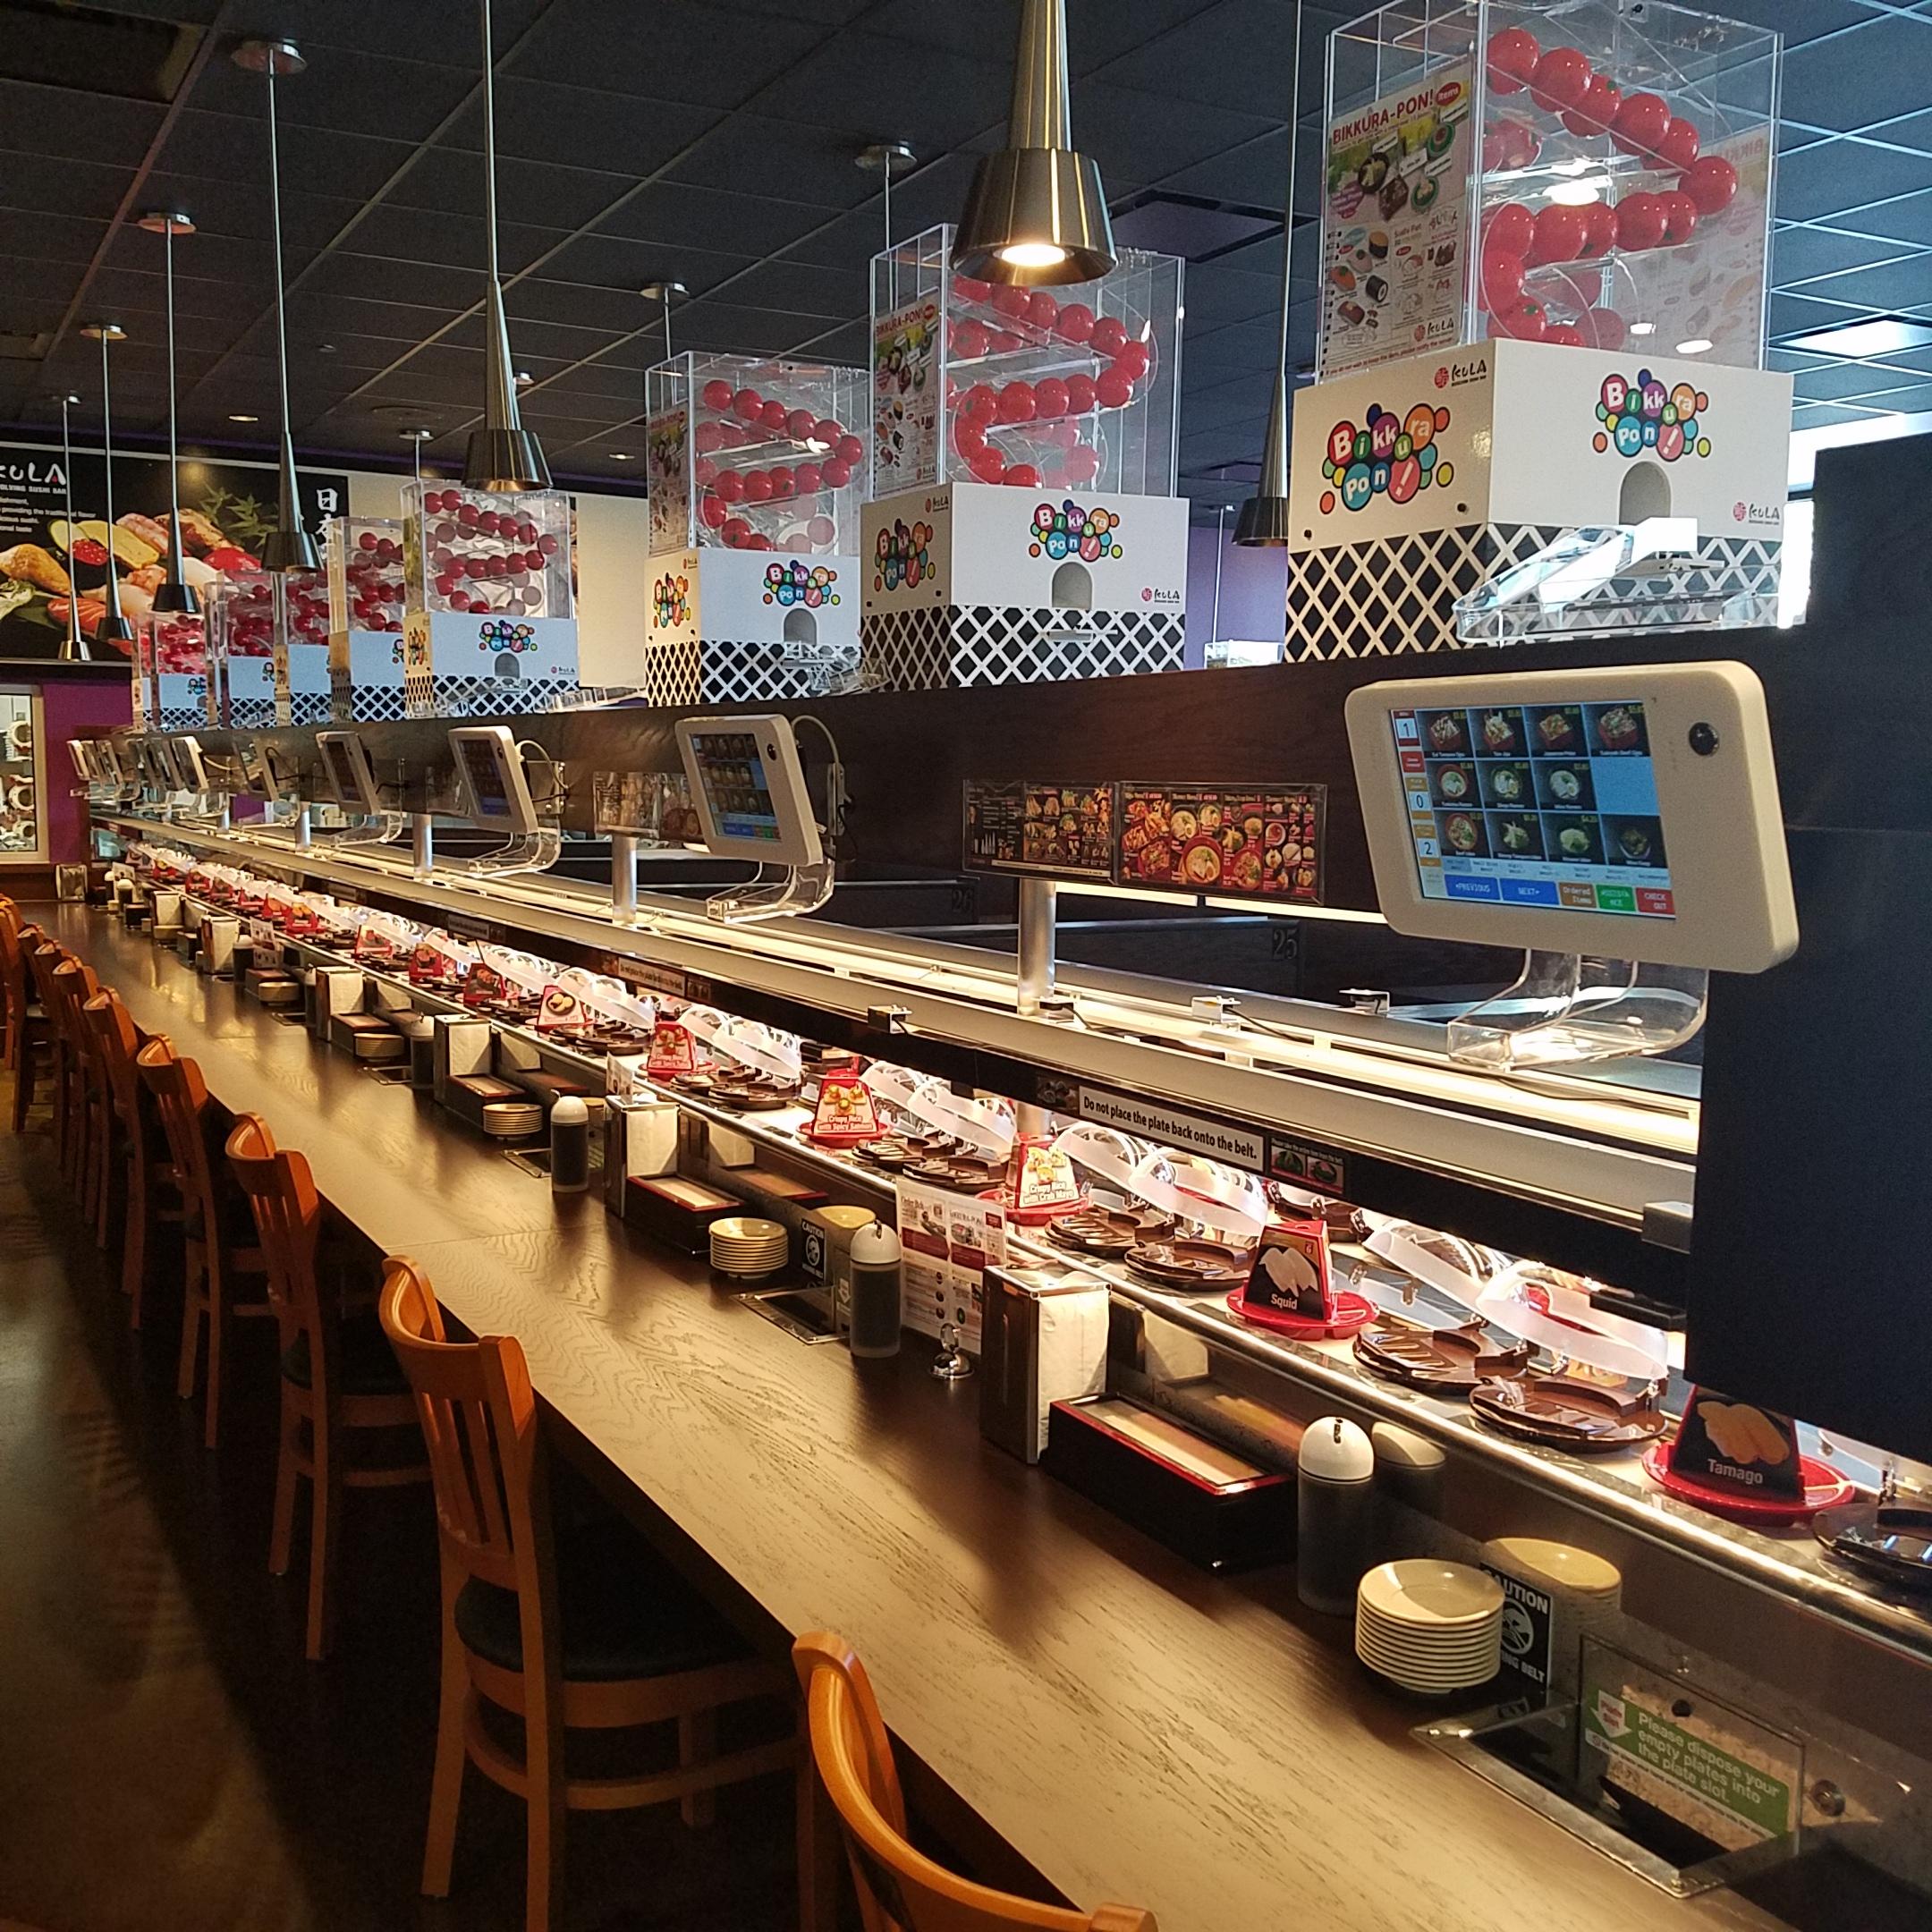 Sushi Fresh Rotating Bar Japanese Restaurant Menu